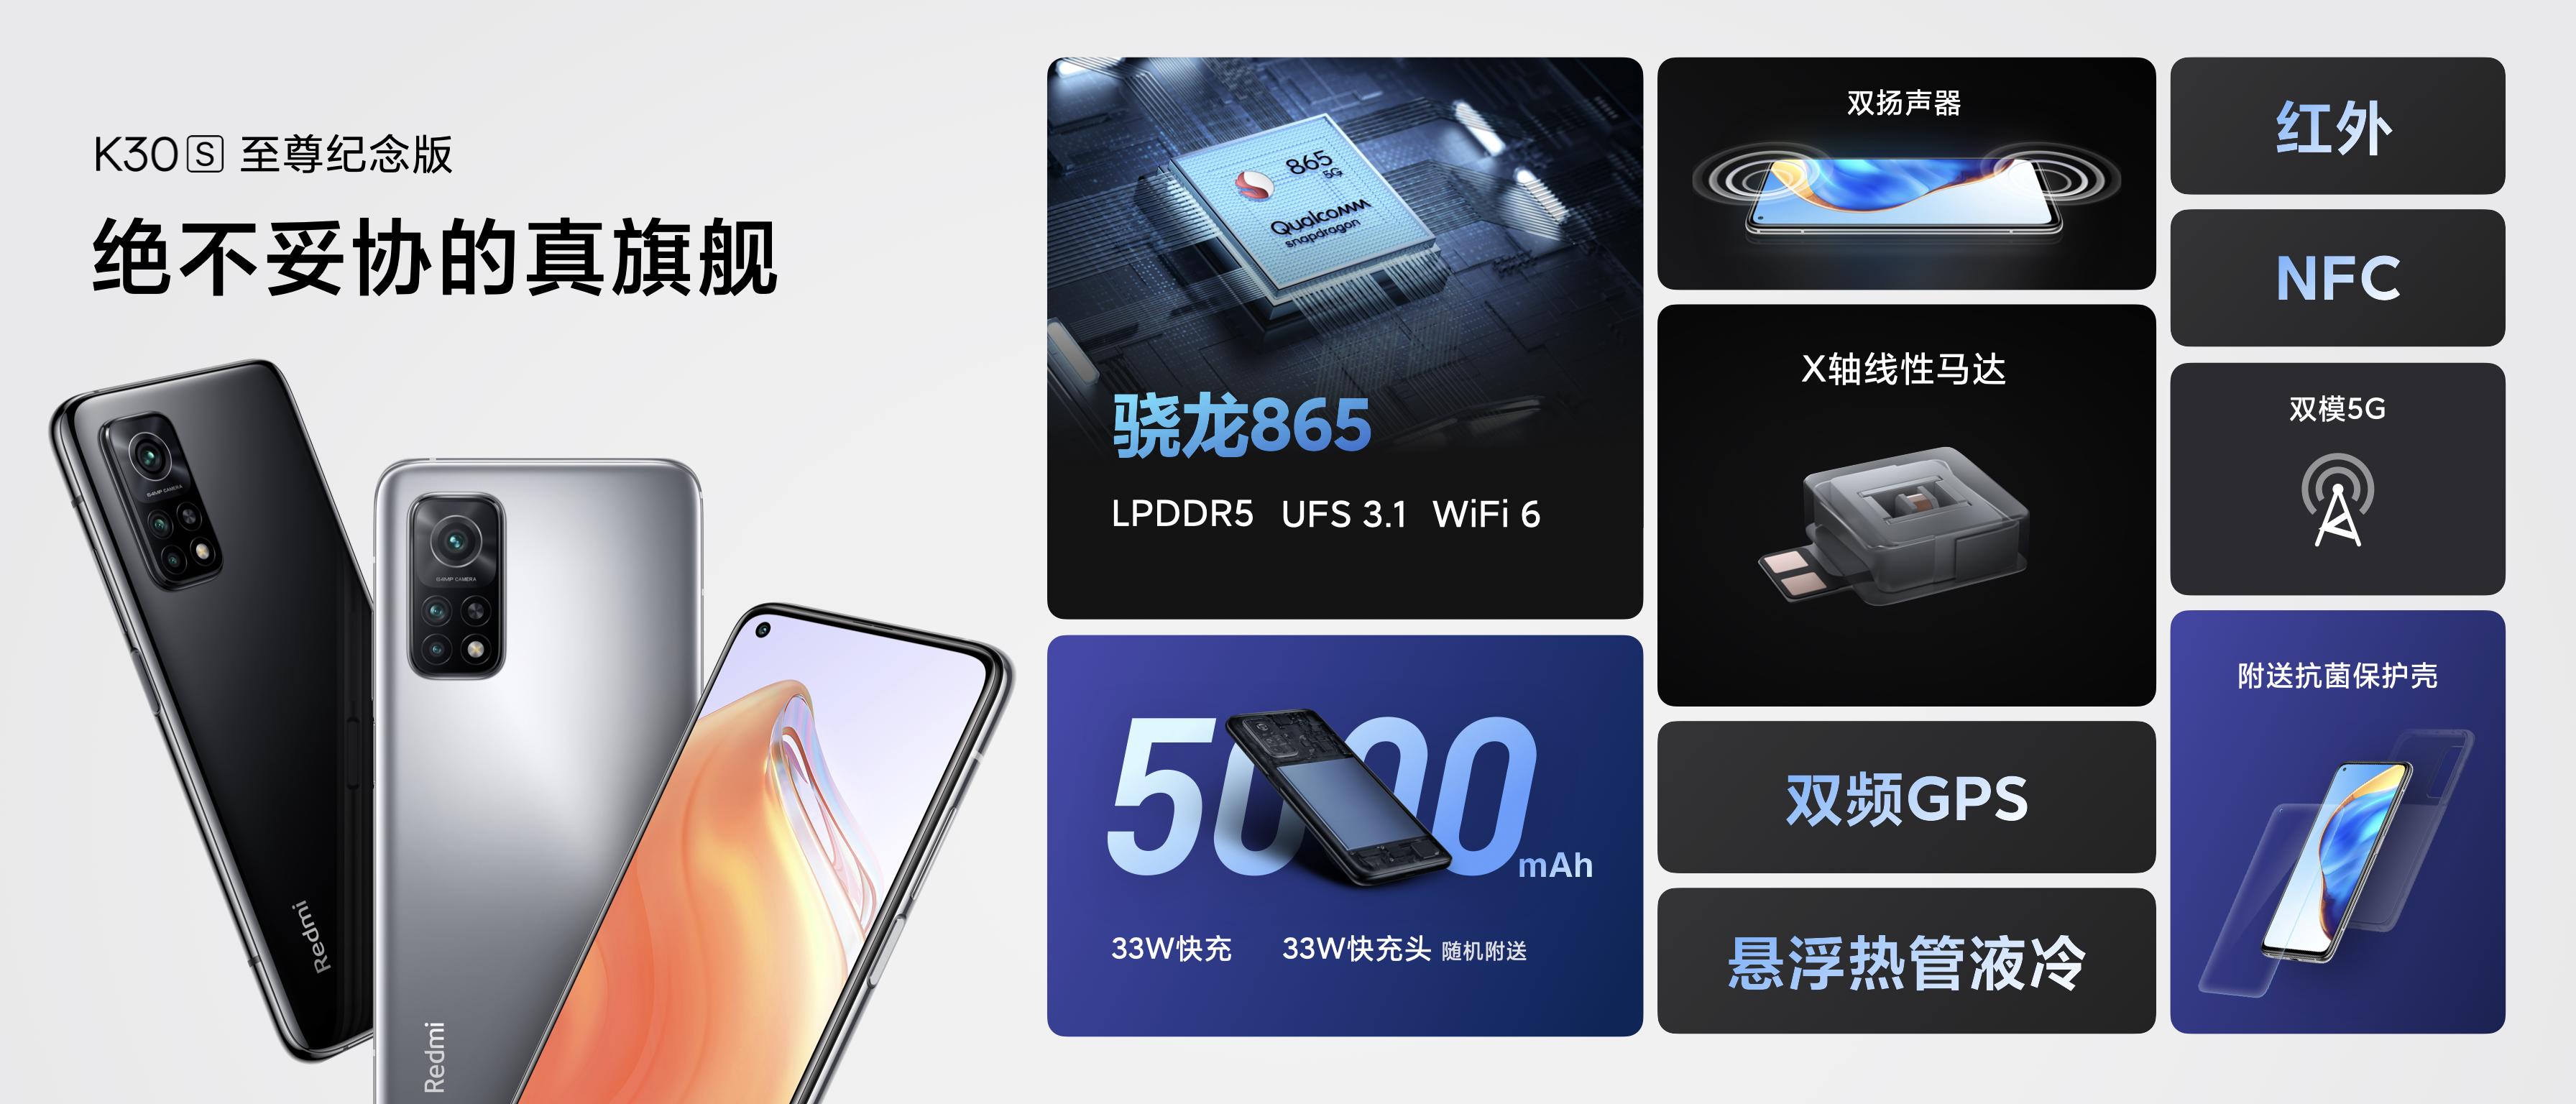 Redmi K30S至尊纪念版发布:骁龙865+144Hz高刷屏,售价2299元起